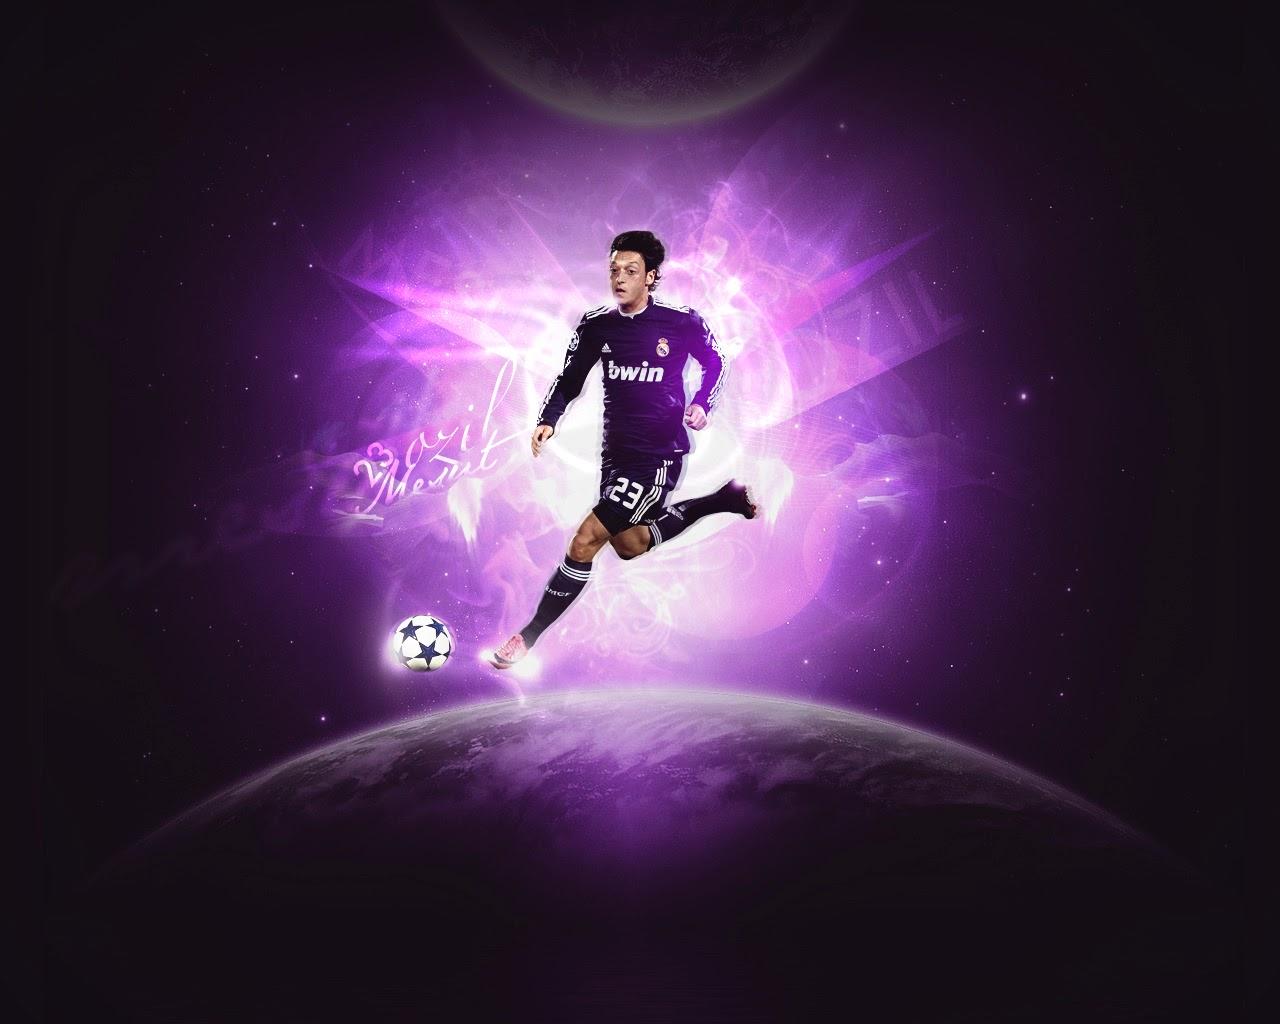 Imagenes hilandy fondo de pantalla futbol ozil for Fondos de pantalla de futbol